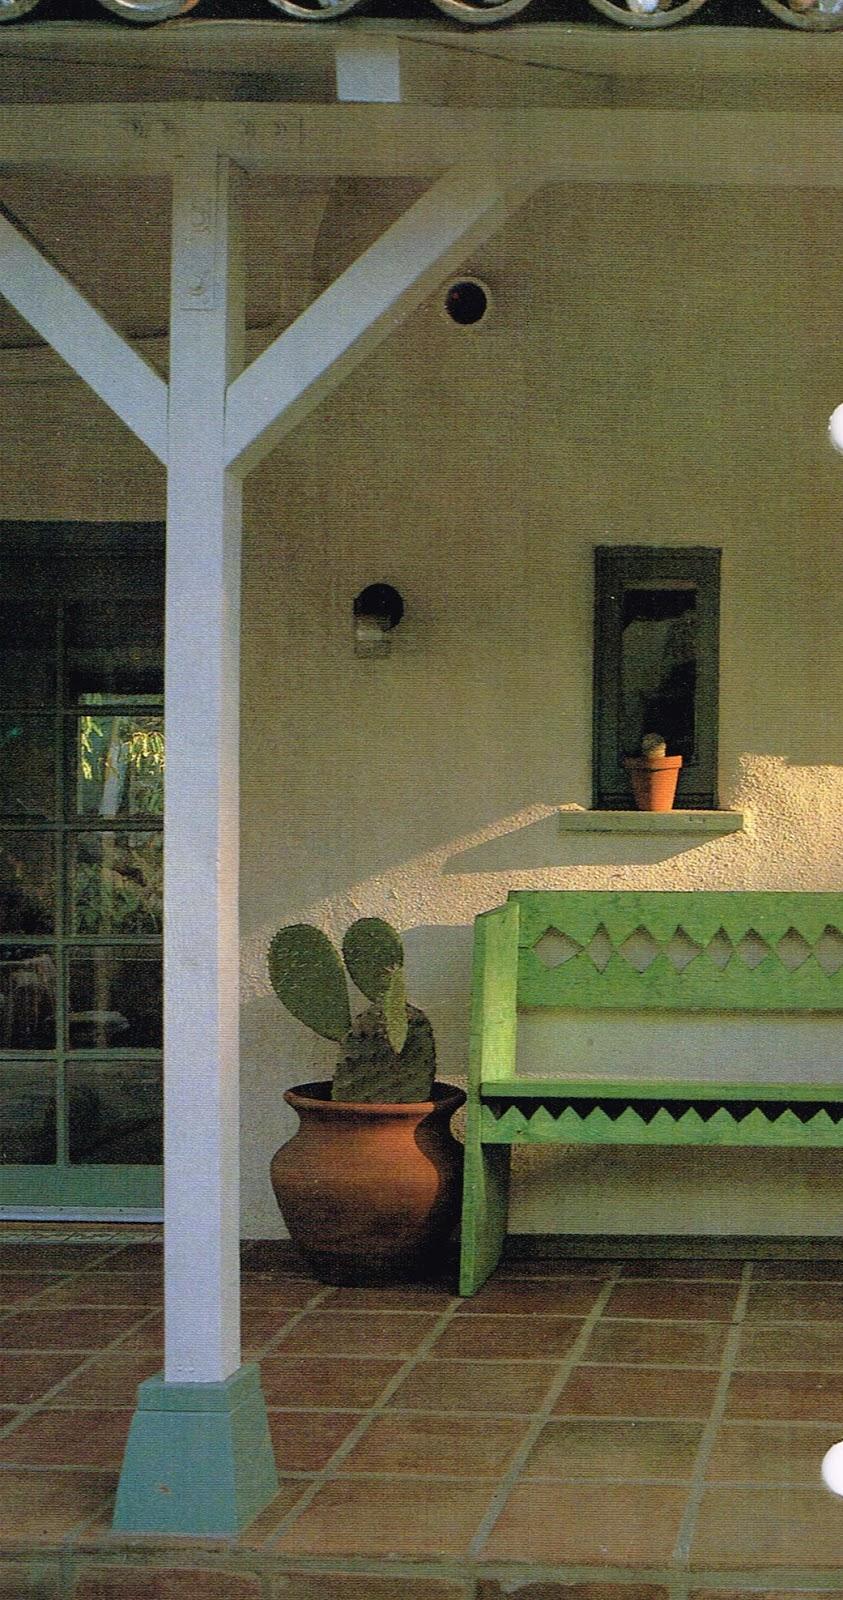 decoracion de interiores rustica mexicana:una cocina mexicana uno de los mejores lugares para introducir